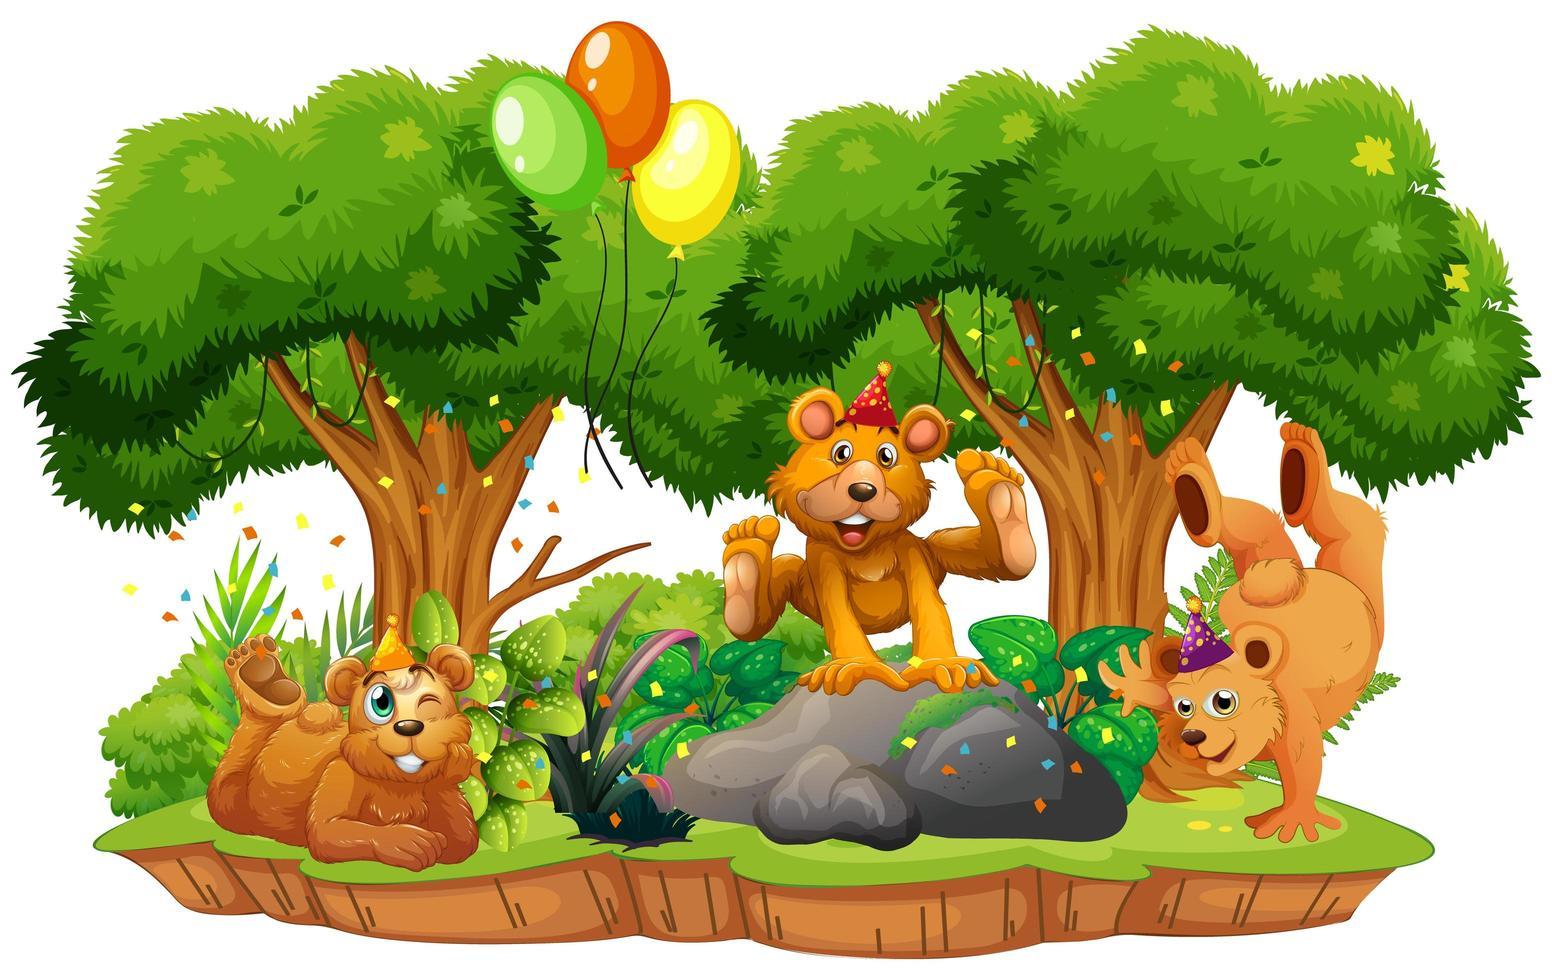 viele Bären im Parteithema im Naturwaldhintergrund isoliert vektor